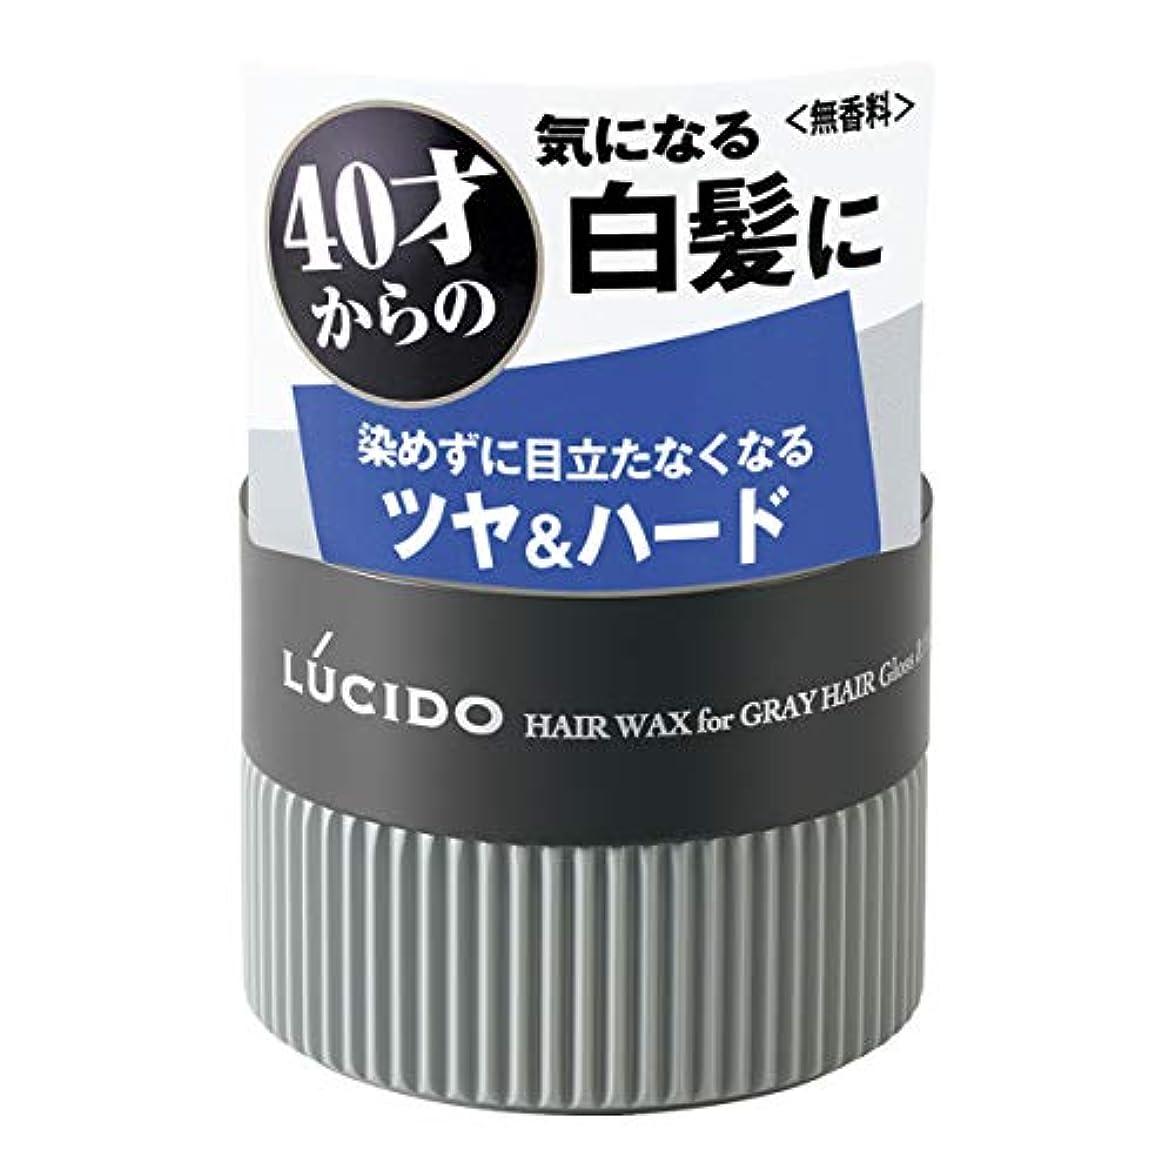 コインランドリーマートにぎやかLUCIDO(ルシード) ヘアワックス 白髪用ワックス グロス&ハード 80g